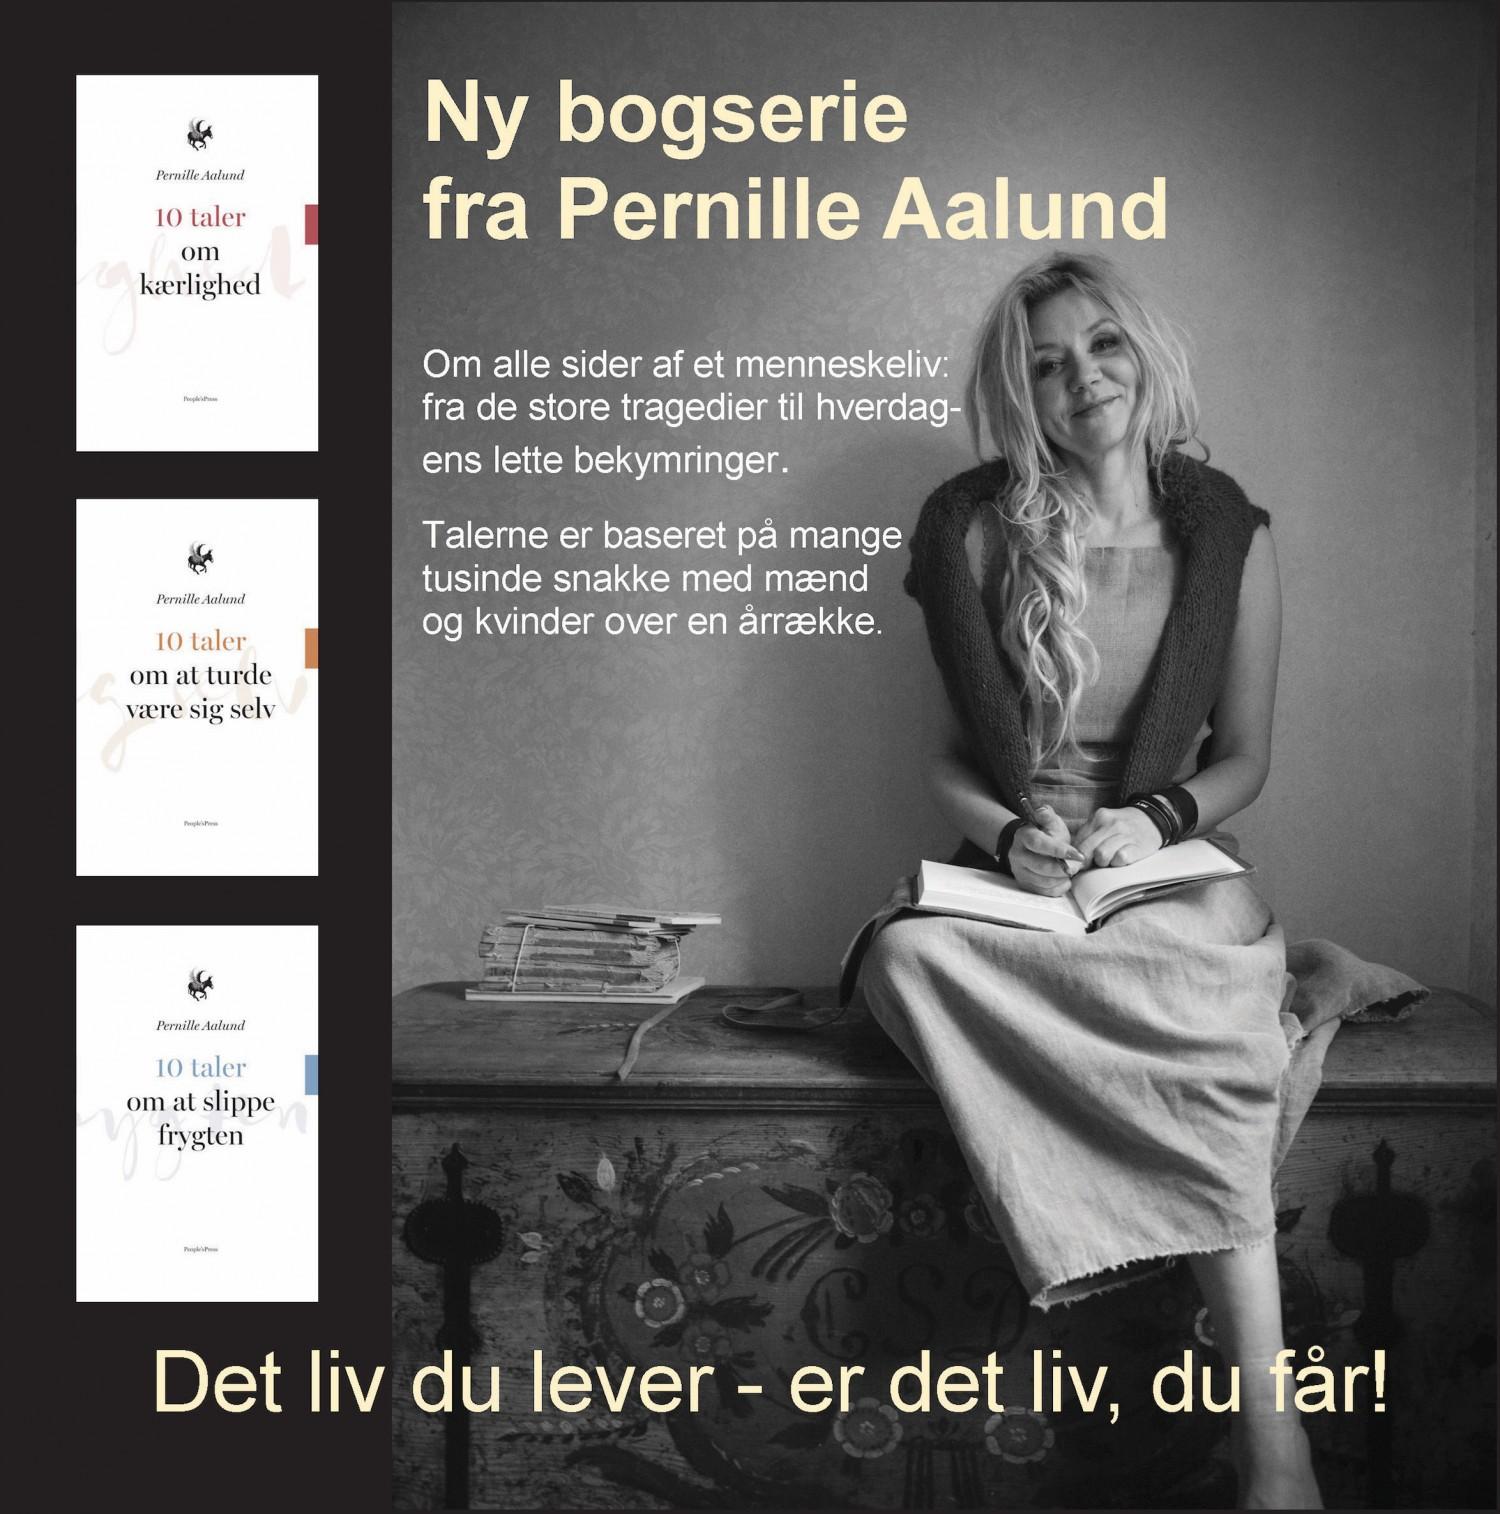 10-taler-pernille-aalund